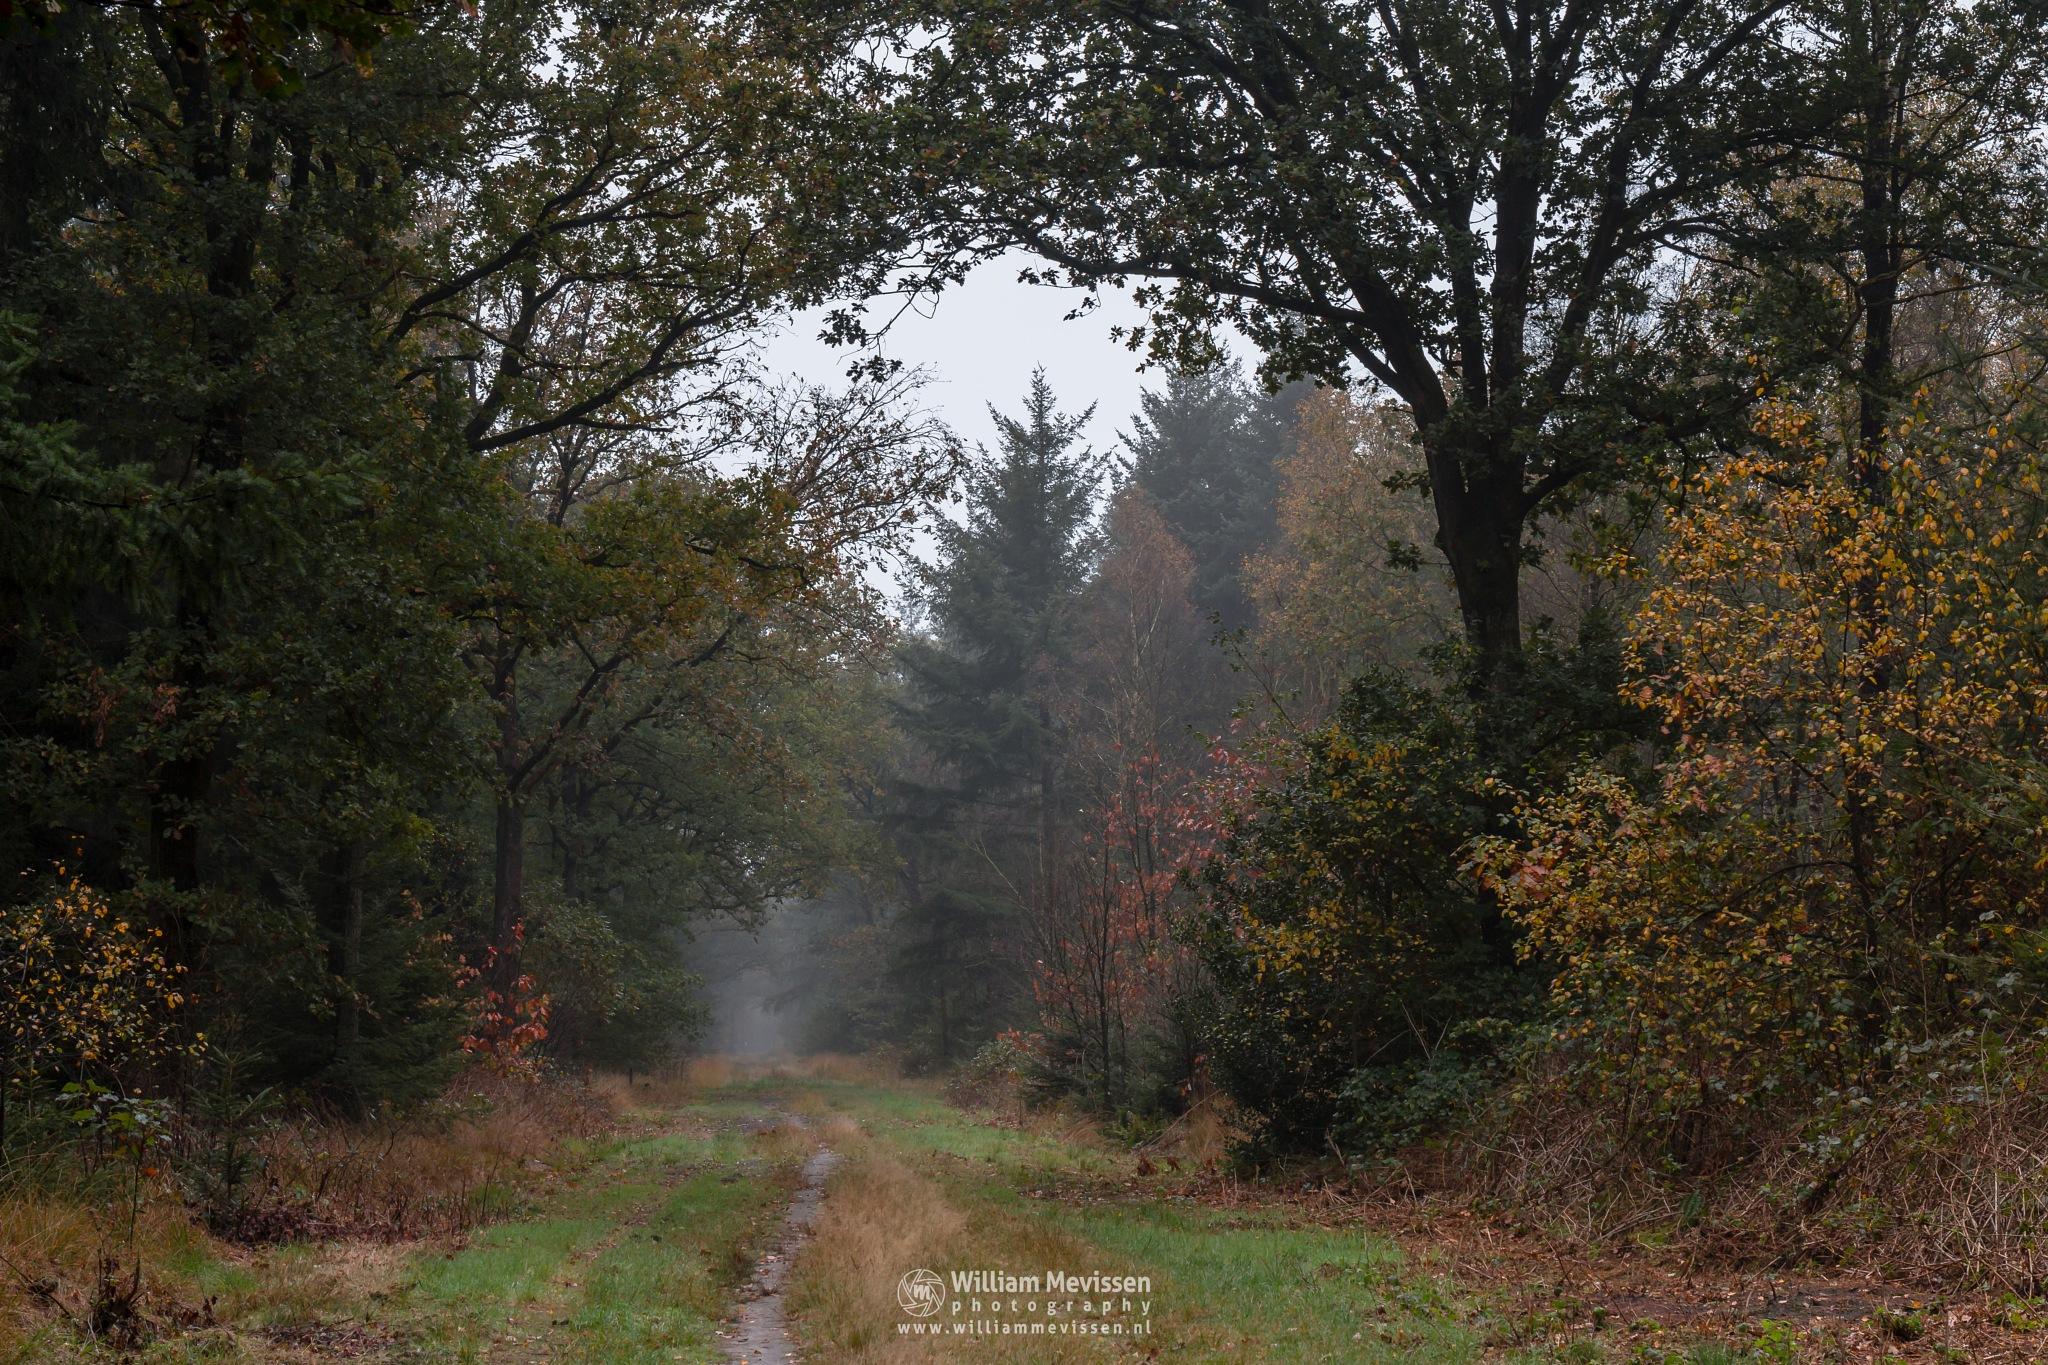 Autumn Forest by William Mevissen